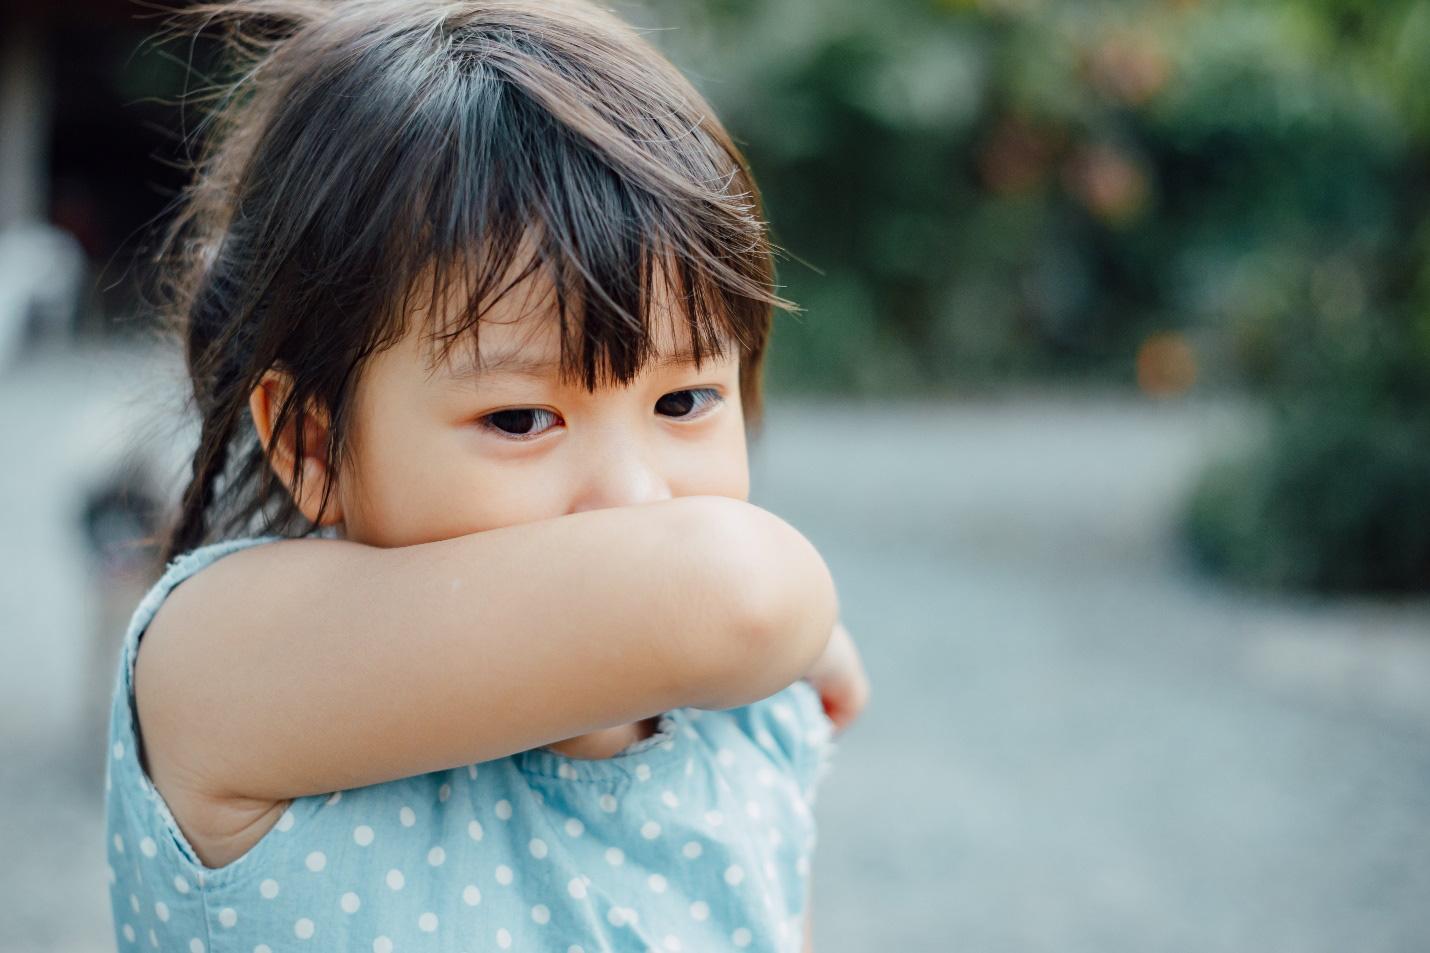 Những sai lầm tai hại của phụ huynh khi điều trị ho đàm cho trẻ - Ảnh 4.